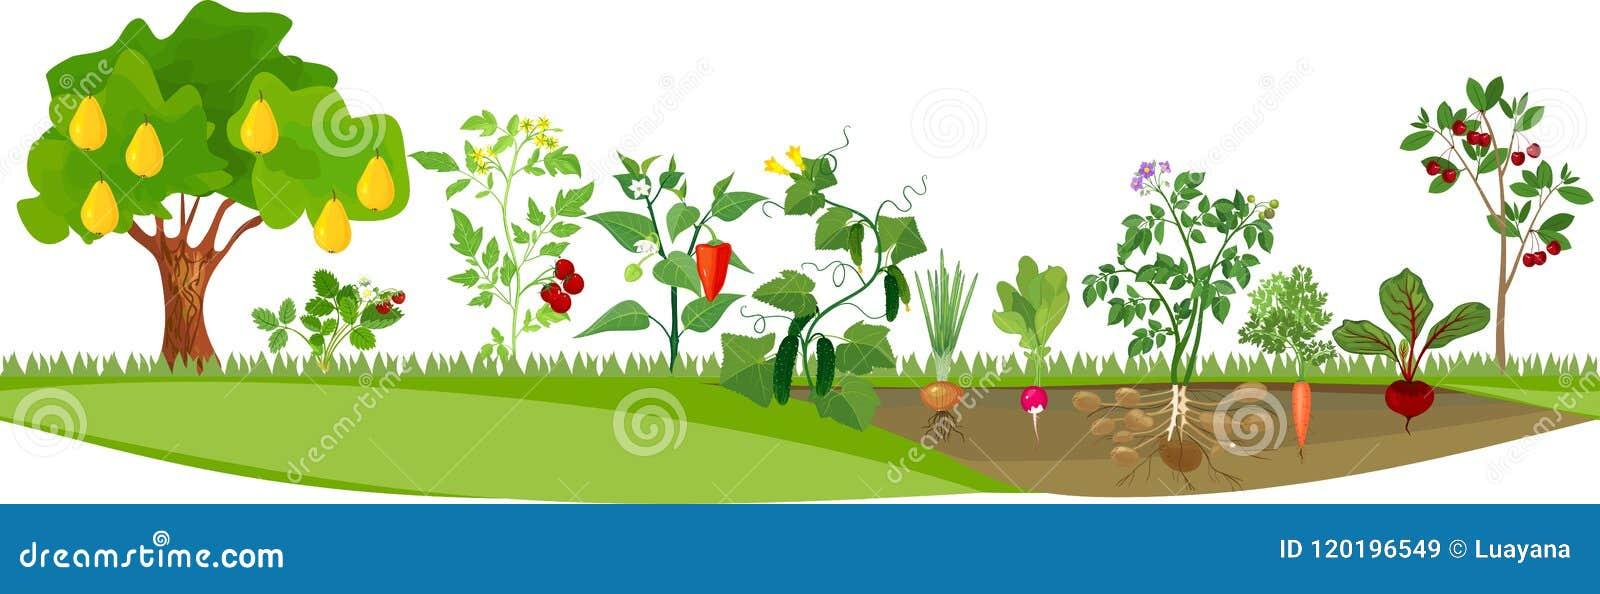 Κήπος κουζινών ή φυτικός κήπος με τα διαφορετικά λαχανικά και τα οπωρωφόρα δέντρα